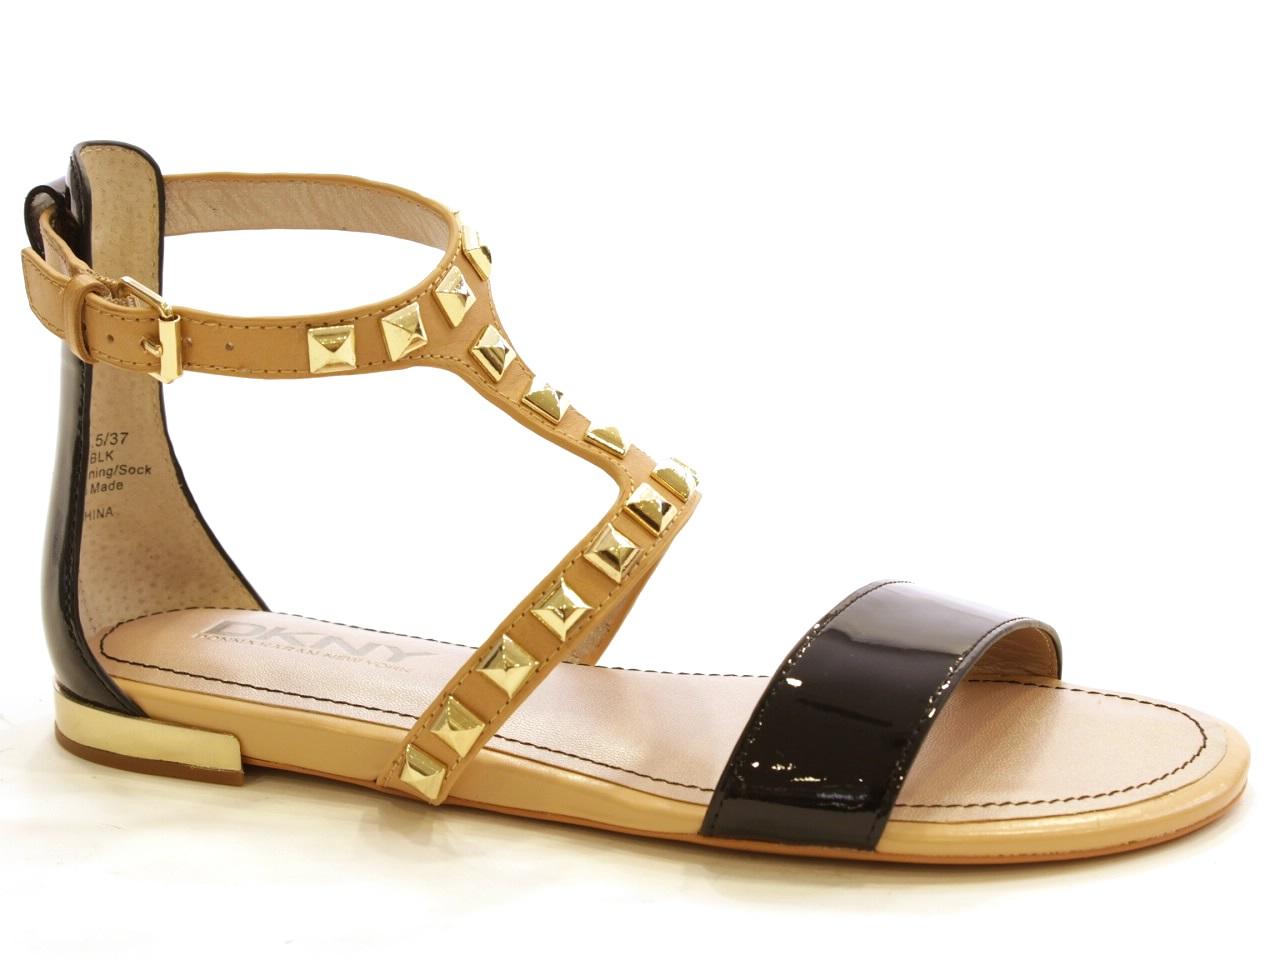 Sandálias Baixas DKNY - 352 K1409210